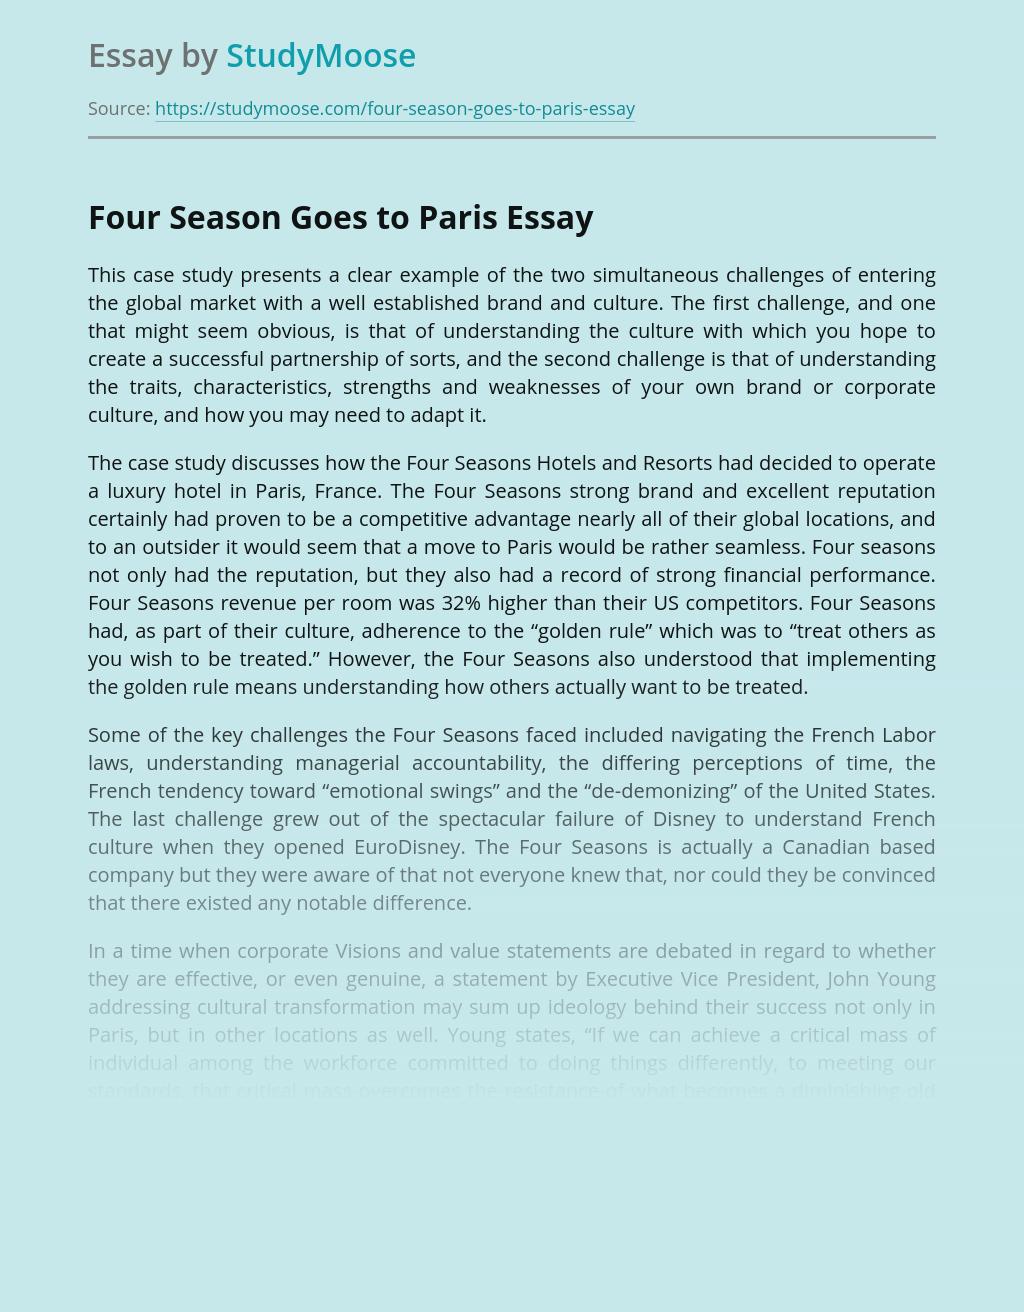 Four Season Goes to Paris